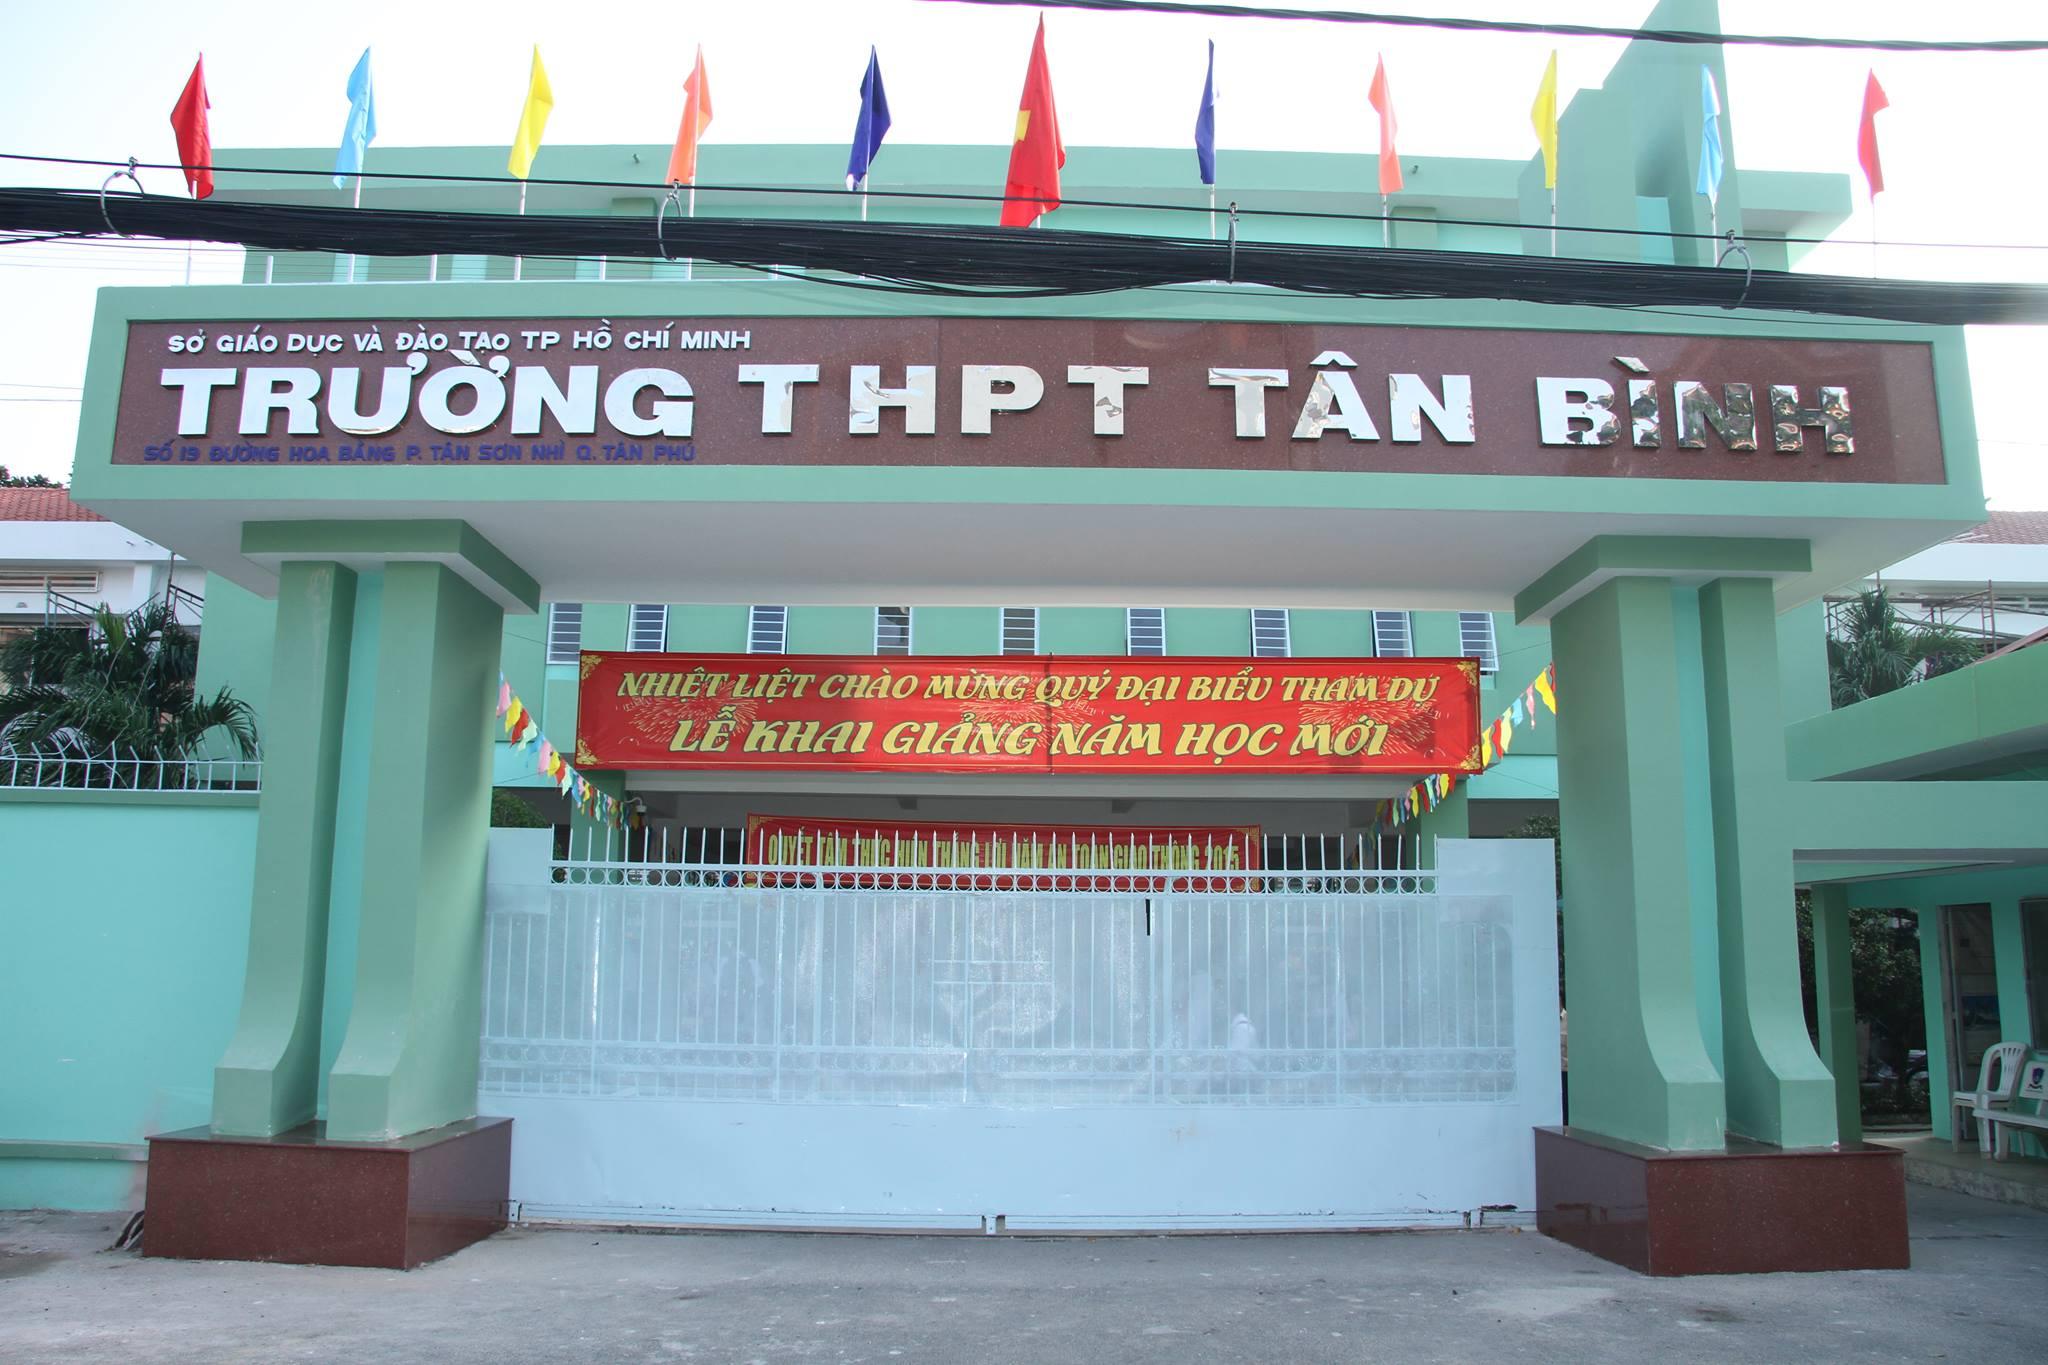 Thi công vách ngăn tấm compact đẹp cho Trường THPT Tân Bình, TP HCM